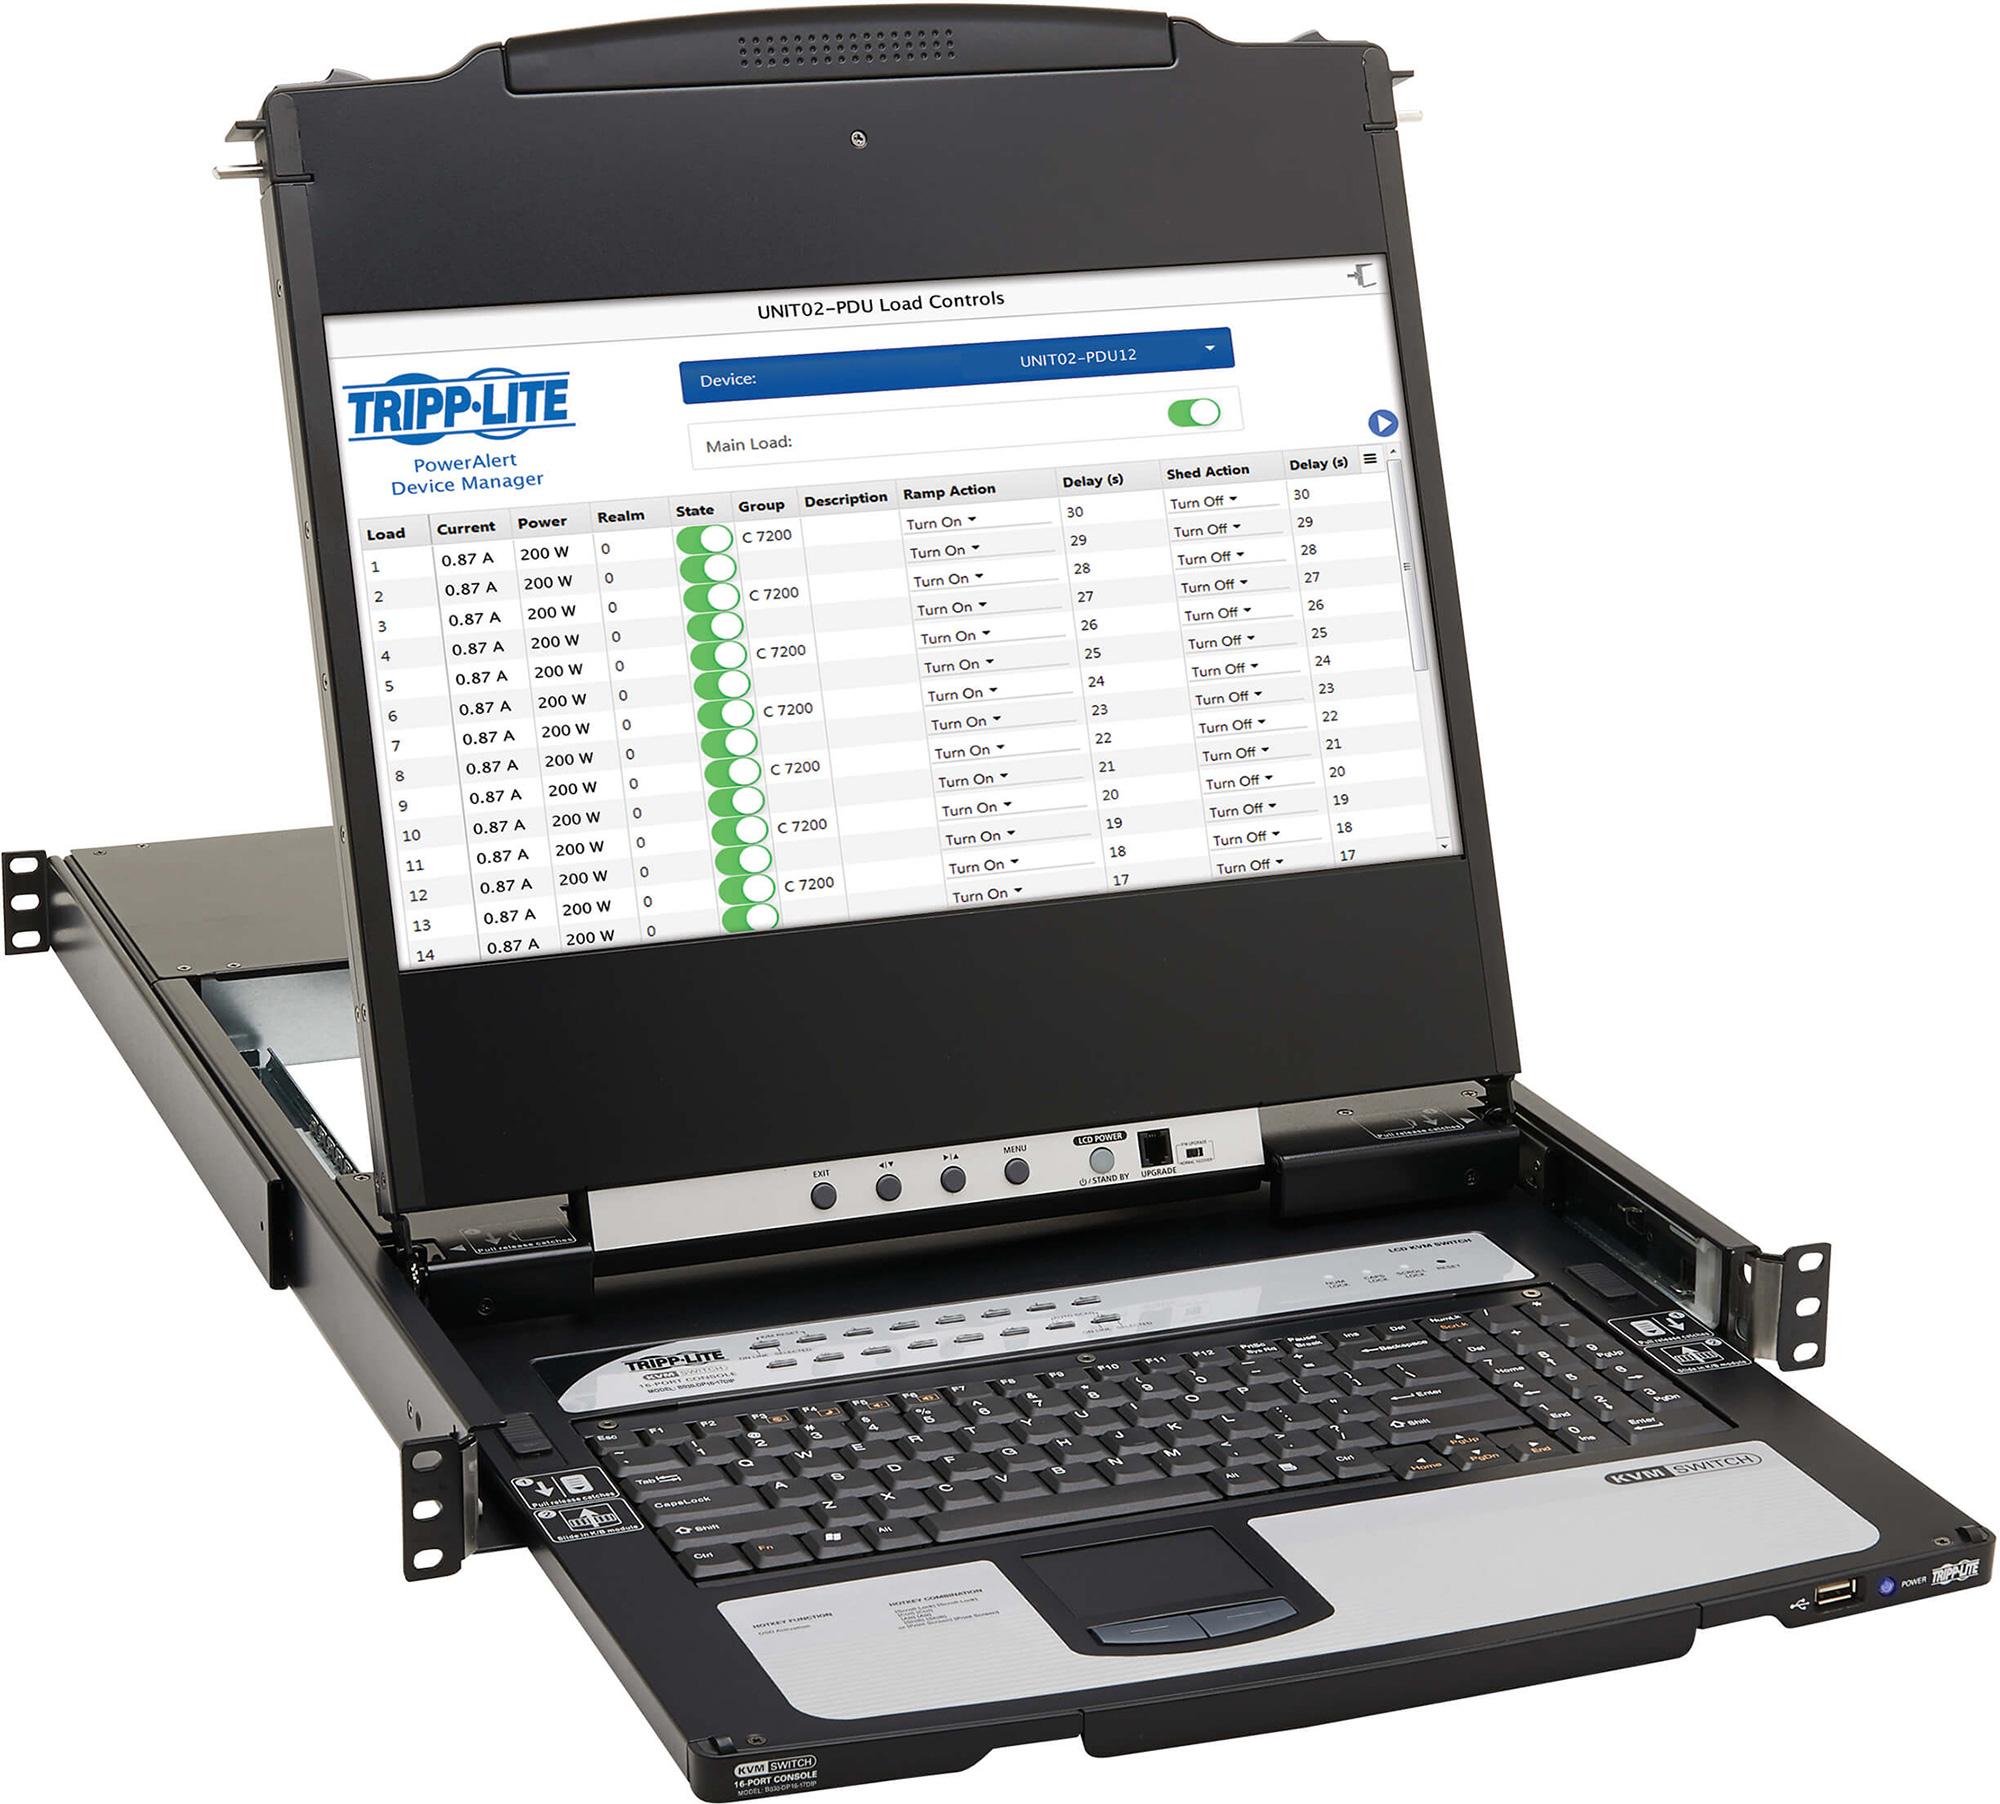 Tripp Lite B030-DP16-17DIP DisplayPort IP KVM Console Switch 16-Port 17 Inch LCD Dual Rail - 1URM B030-DP16-17DIP